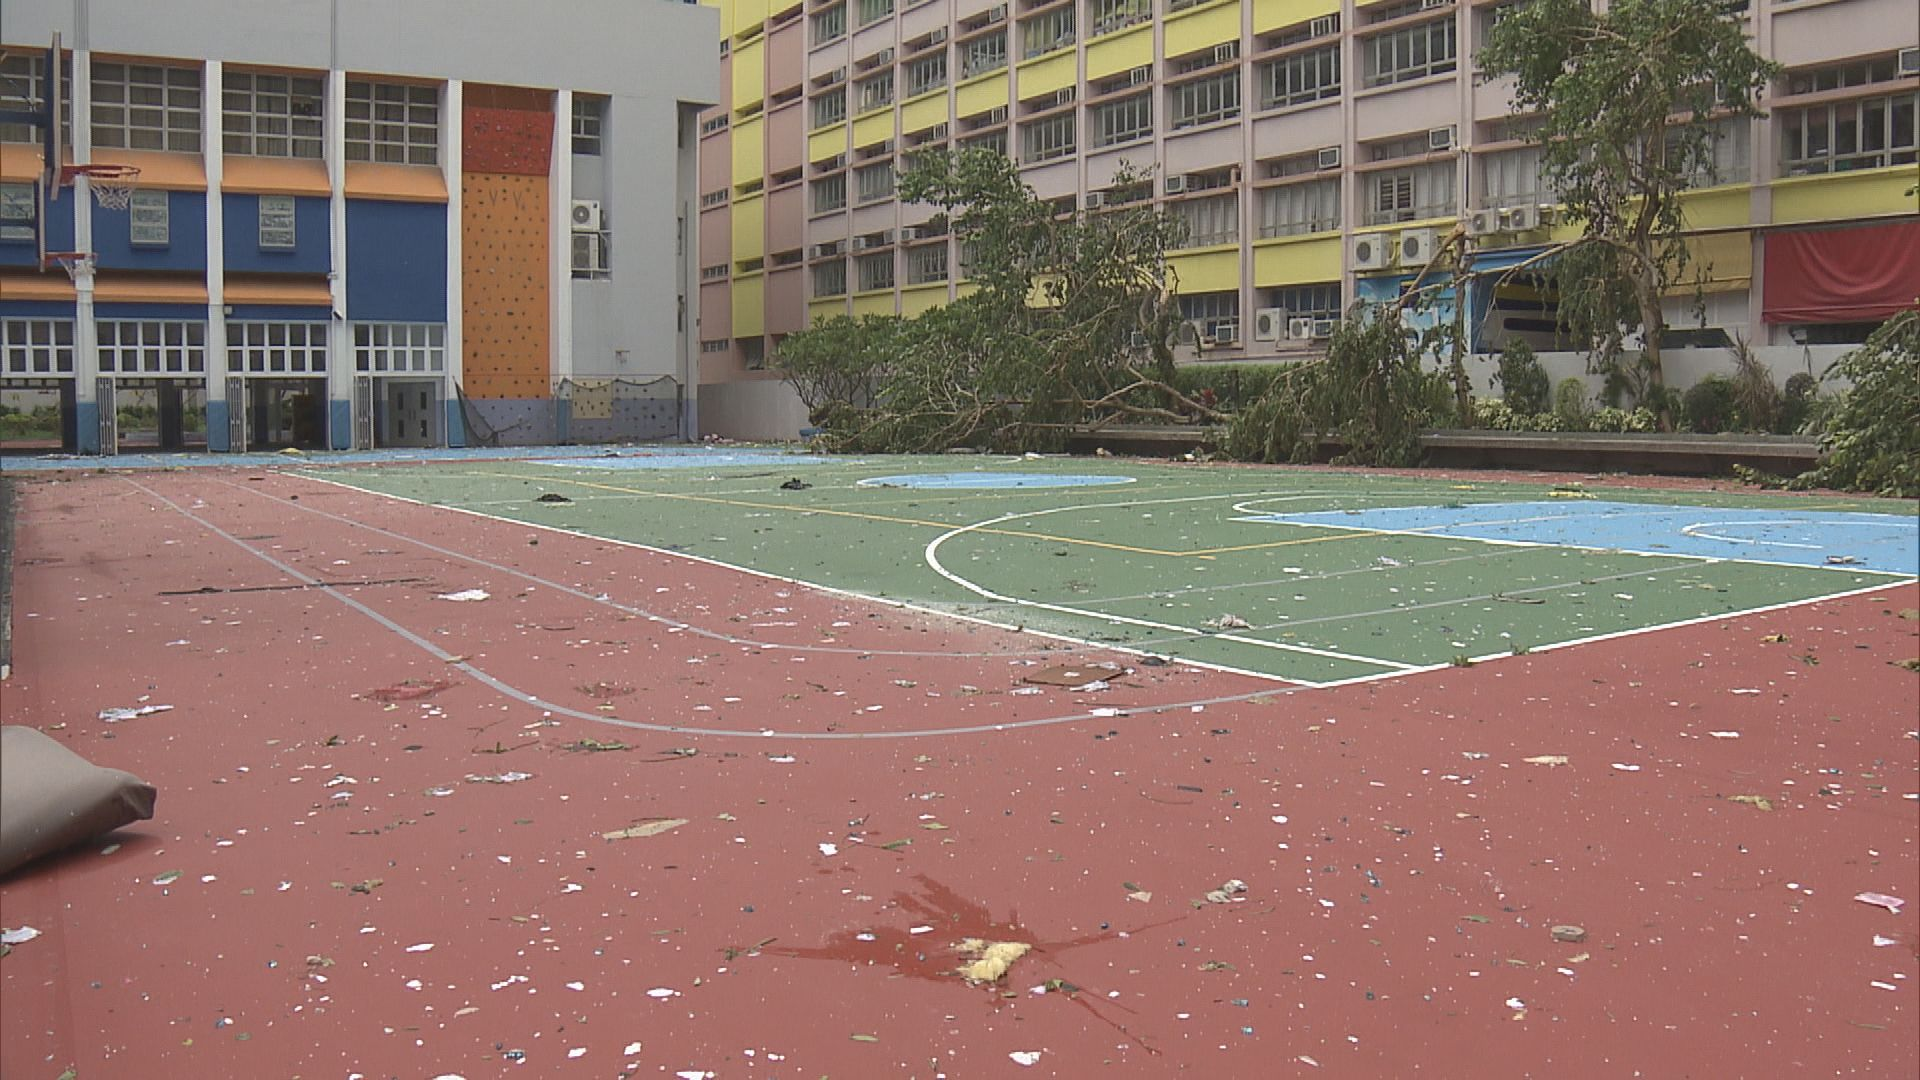 多間校舍損毀 全港周二繼續停課